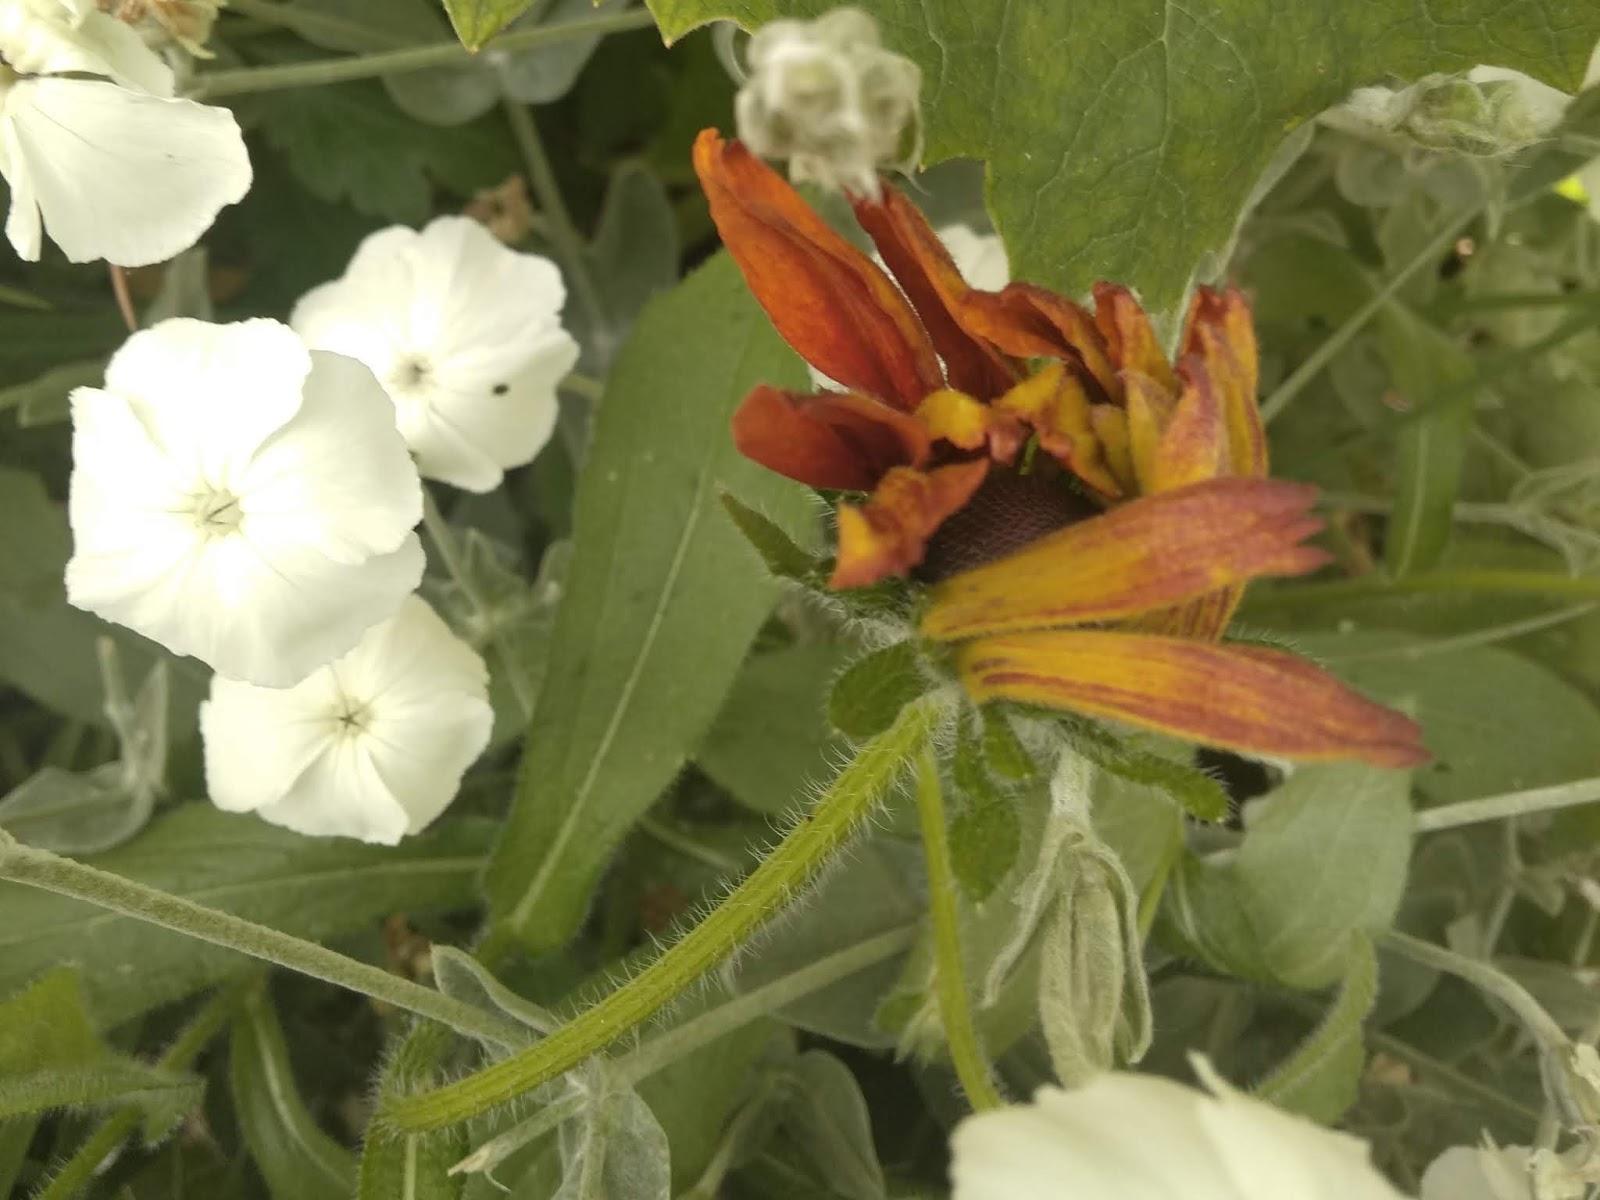 Fiori Da Piantare Nell Orto fiori e fili di iaia: cosa succede nell'orto